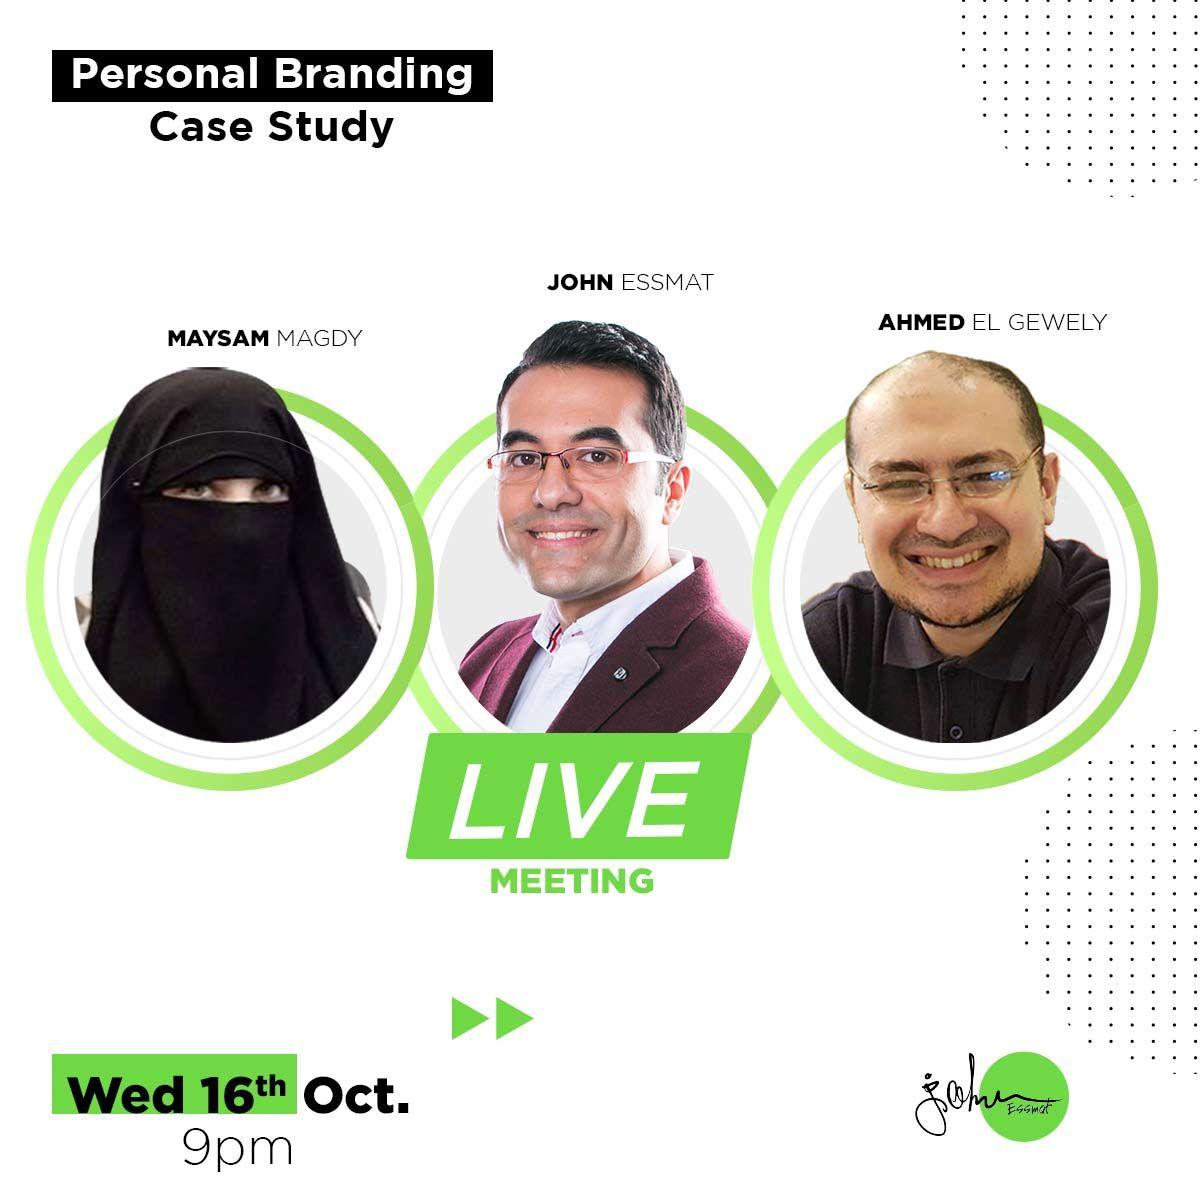 يوم الاربع الساعة 9م هنعمل Live Meeting مع اتنين عاملين Personal Brand قوي في مجال الطب Personal Branding Case Study Branding